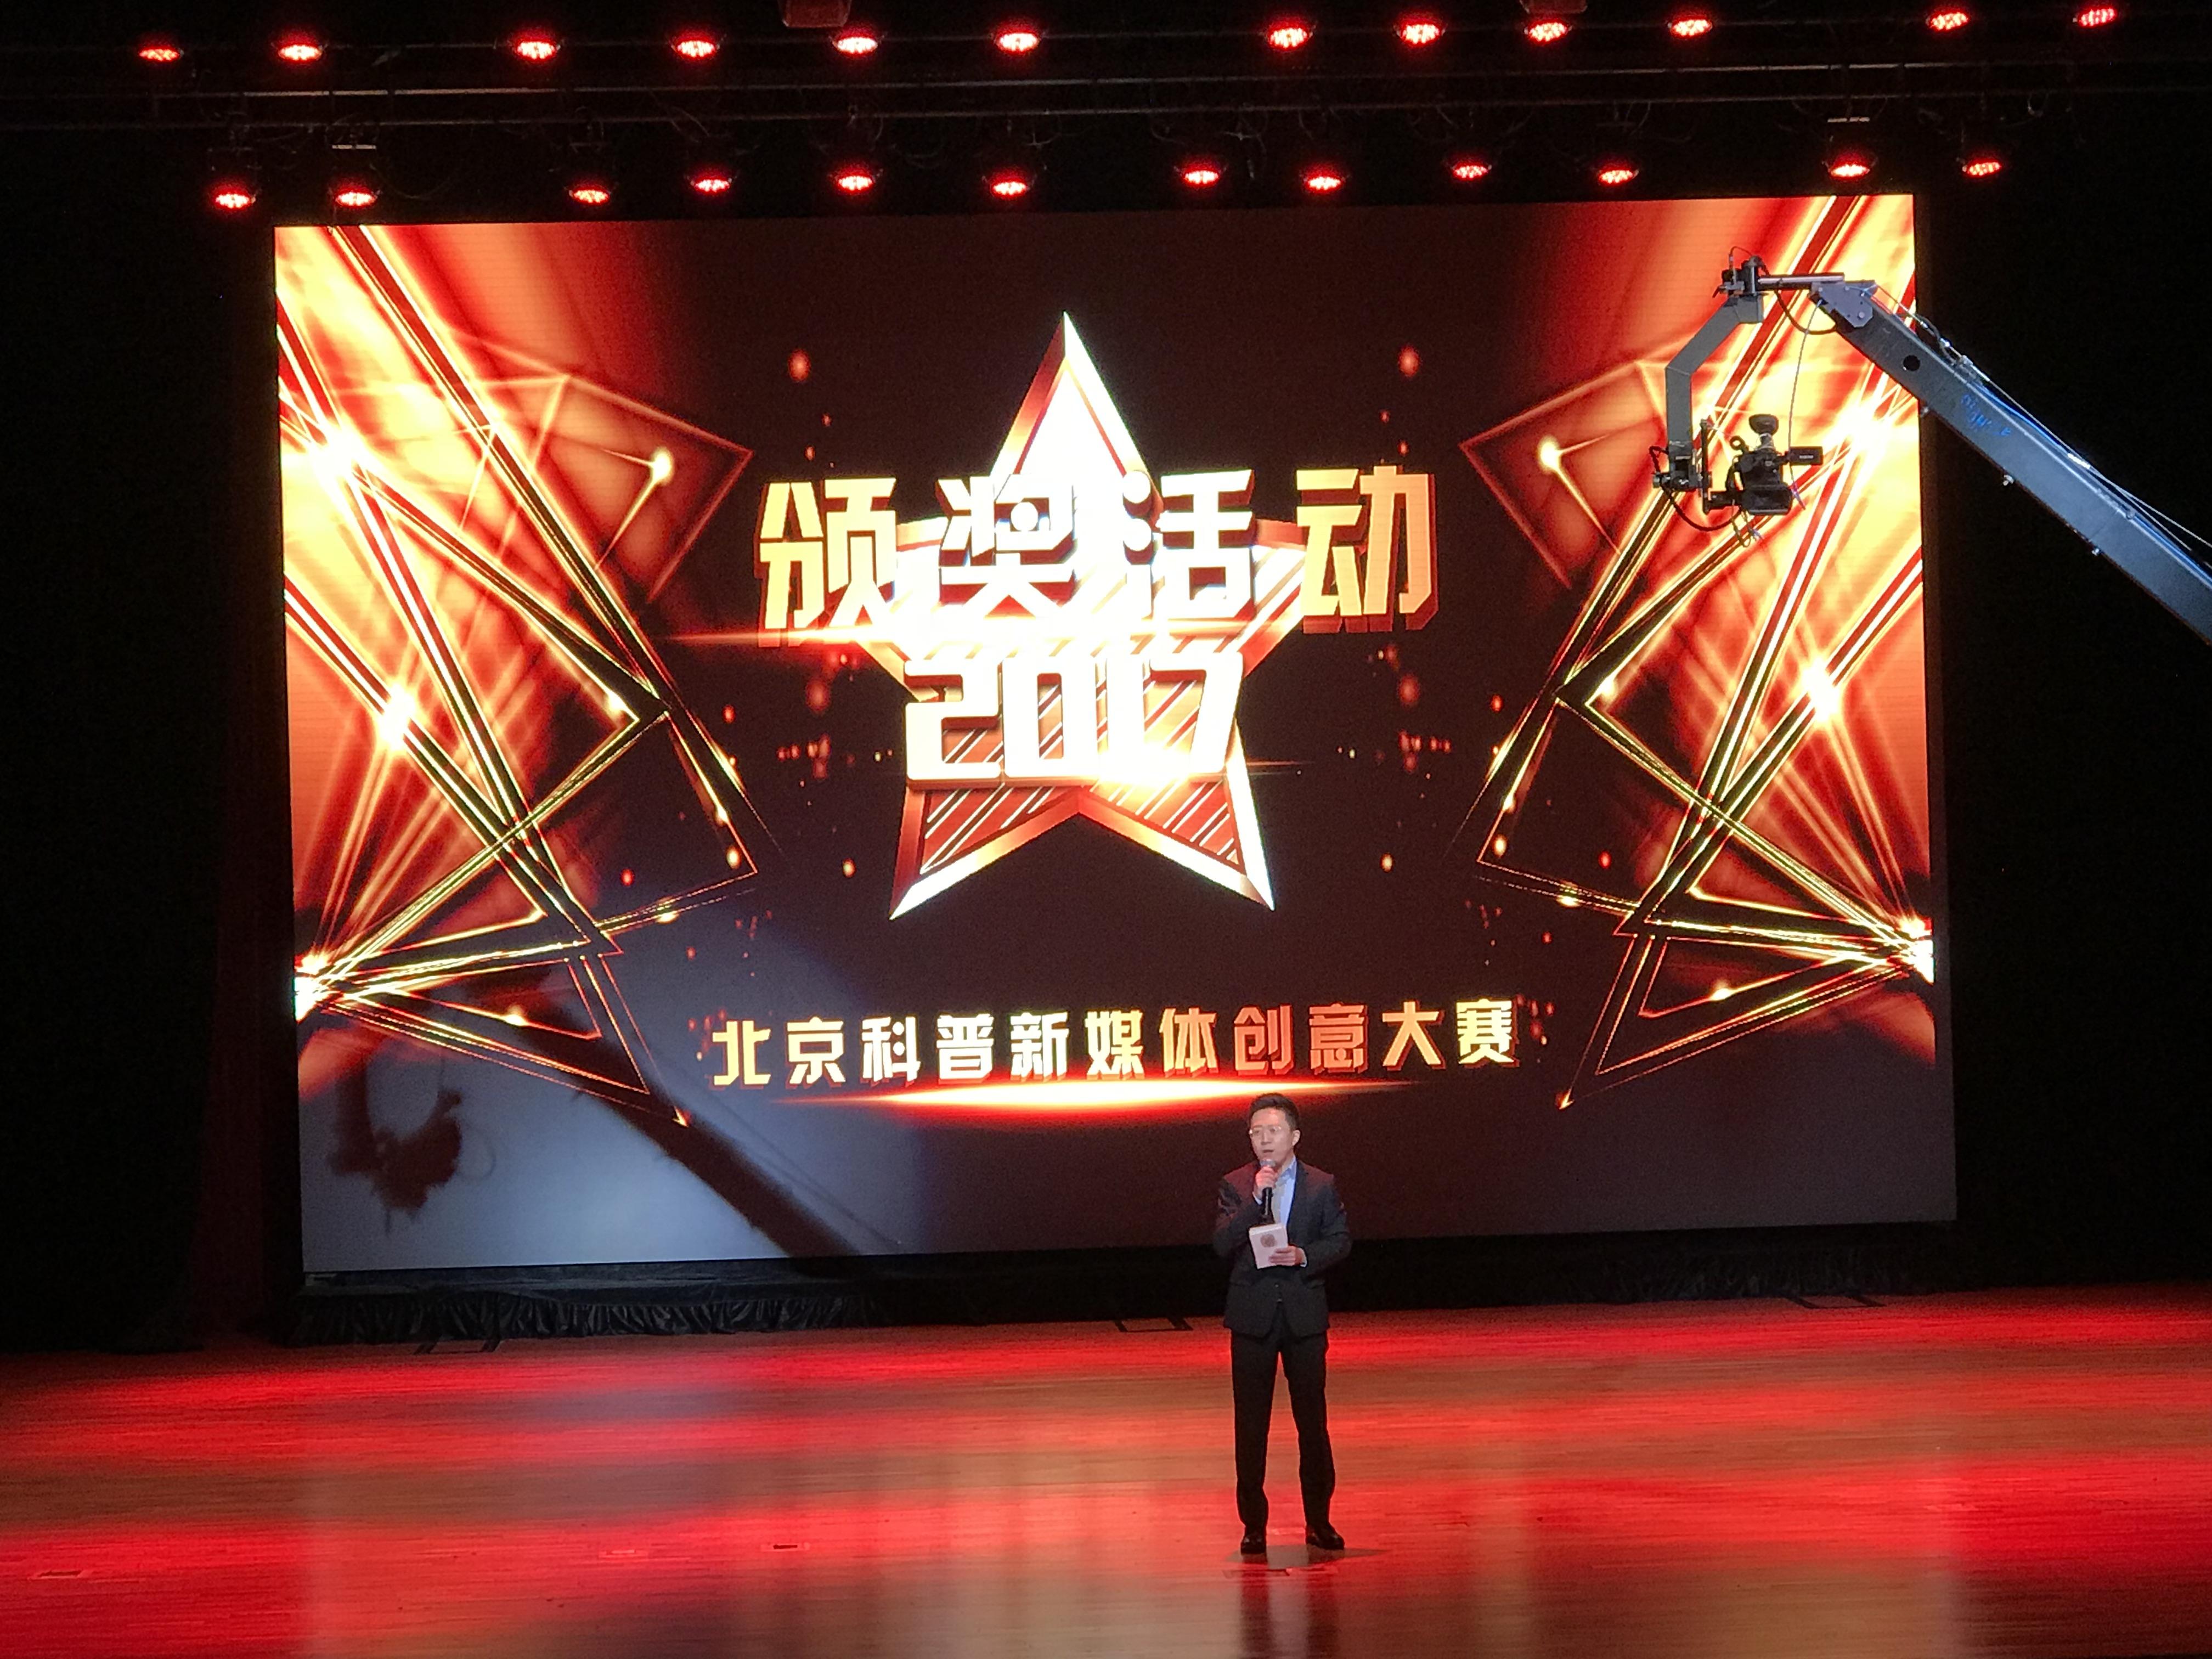 2017年11月3日由北京市科学技术协会主办、北京科普发展中心承办的2017年北京科普新媒体创意大赛颁奖活动在北京航空航天大学举行.JPG